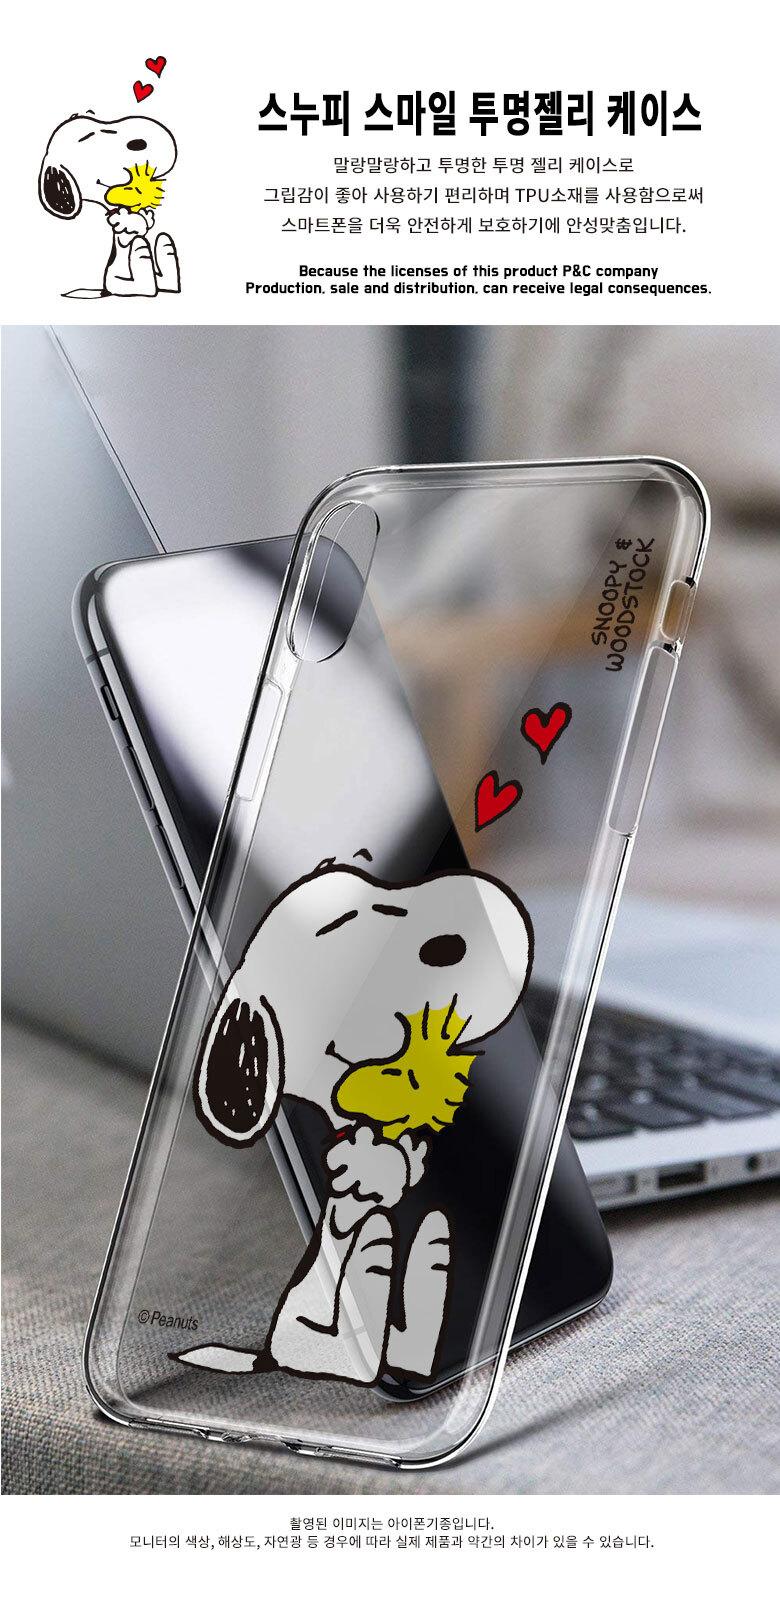 스마트폰투명케이스,젤리케이스,아이폰XS케이스,갤럭시노트10 케이스,갤럭시S8케이스,아이폰 젤리케이스,아이폰11케이스,갤럭시노트케이스,갤럭시젤리케이스,아이폰11프로케이스,스누피,빈티지